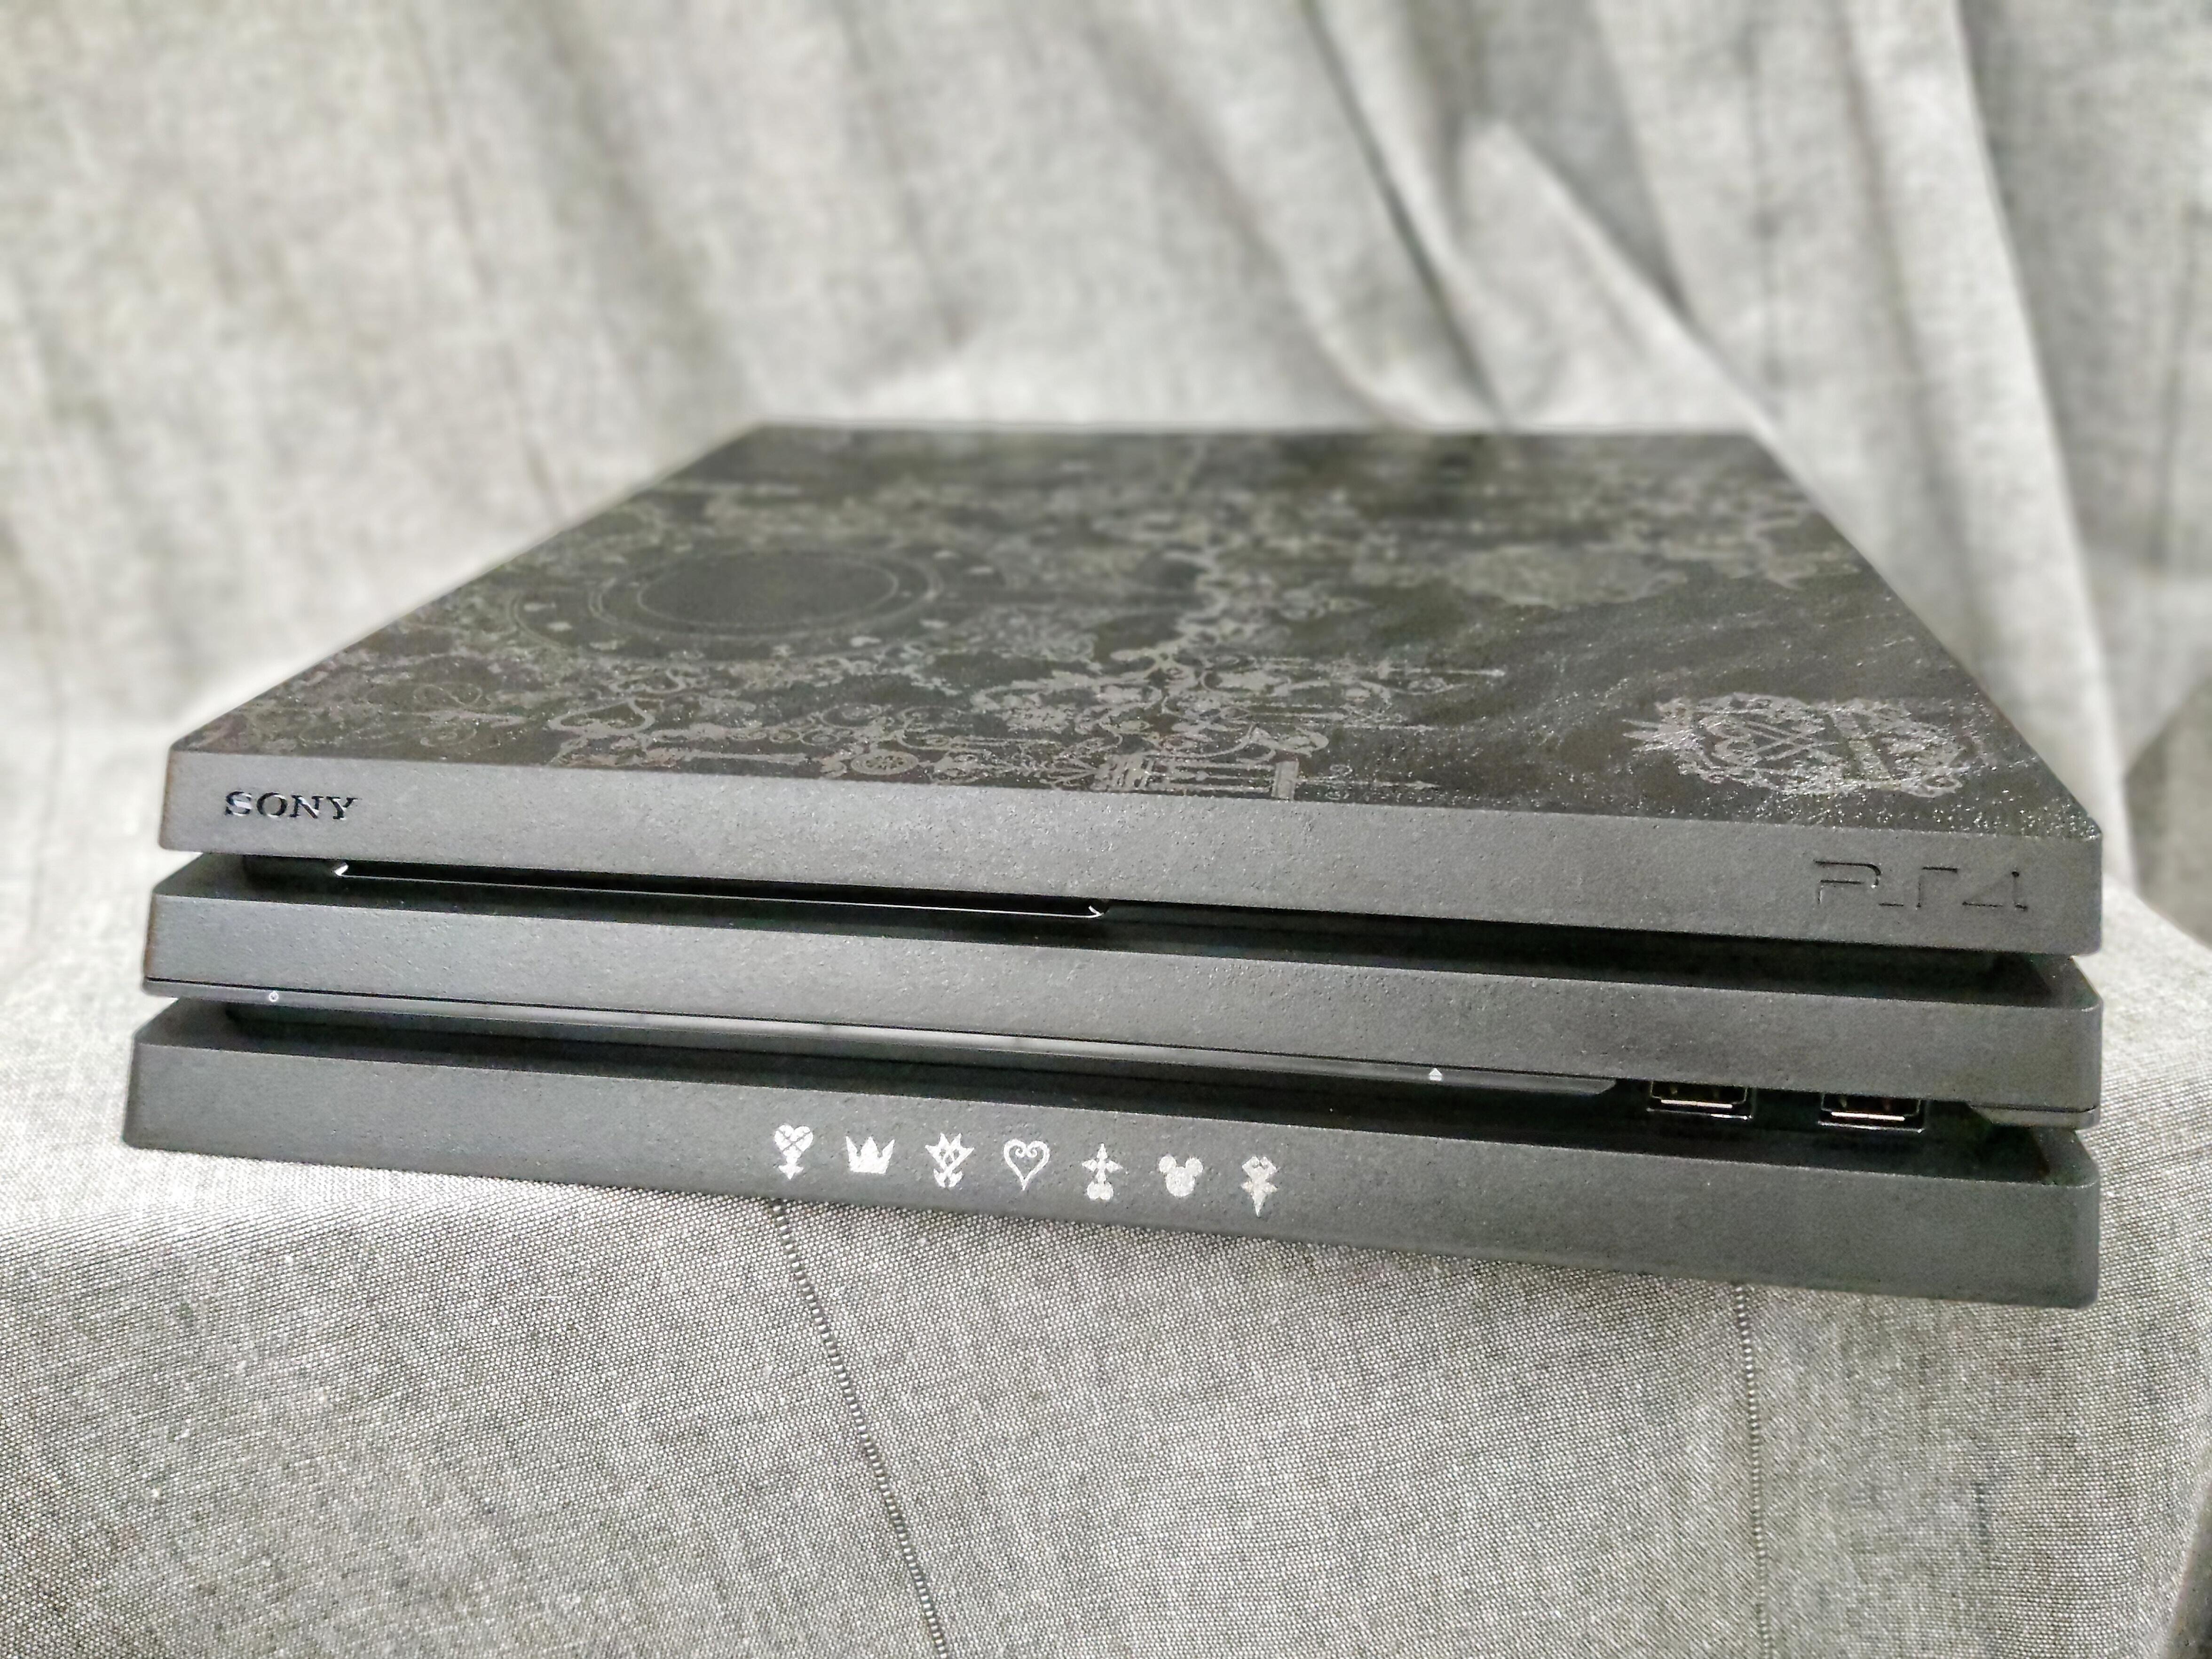 「開箱分享」衣著典雅華麗外衣的PS4 Pro, 王國之心同捆機 限量登場